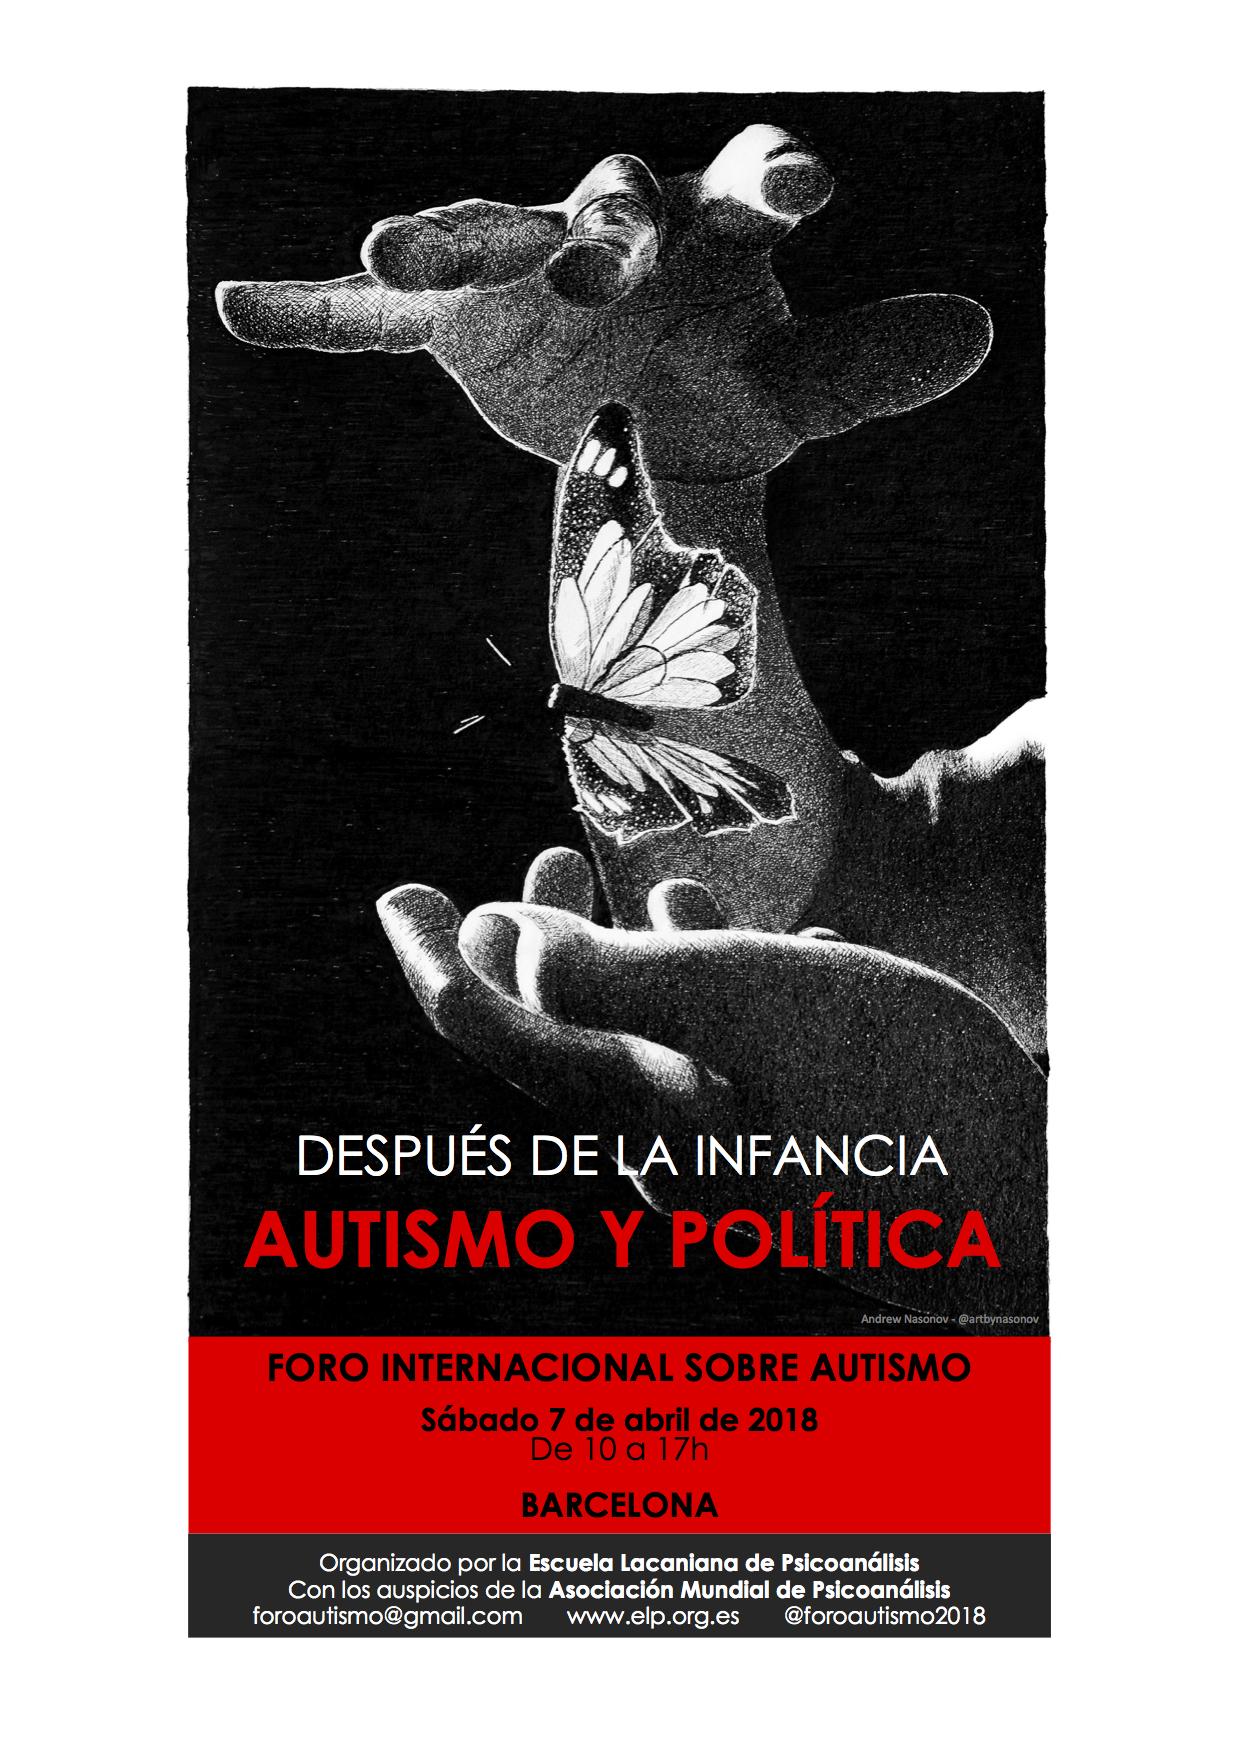 Forum Internazionale su Autismo e Politica